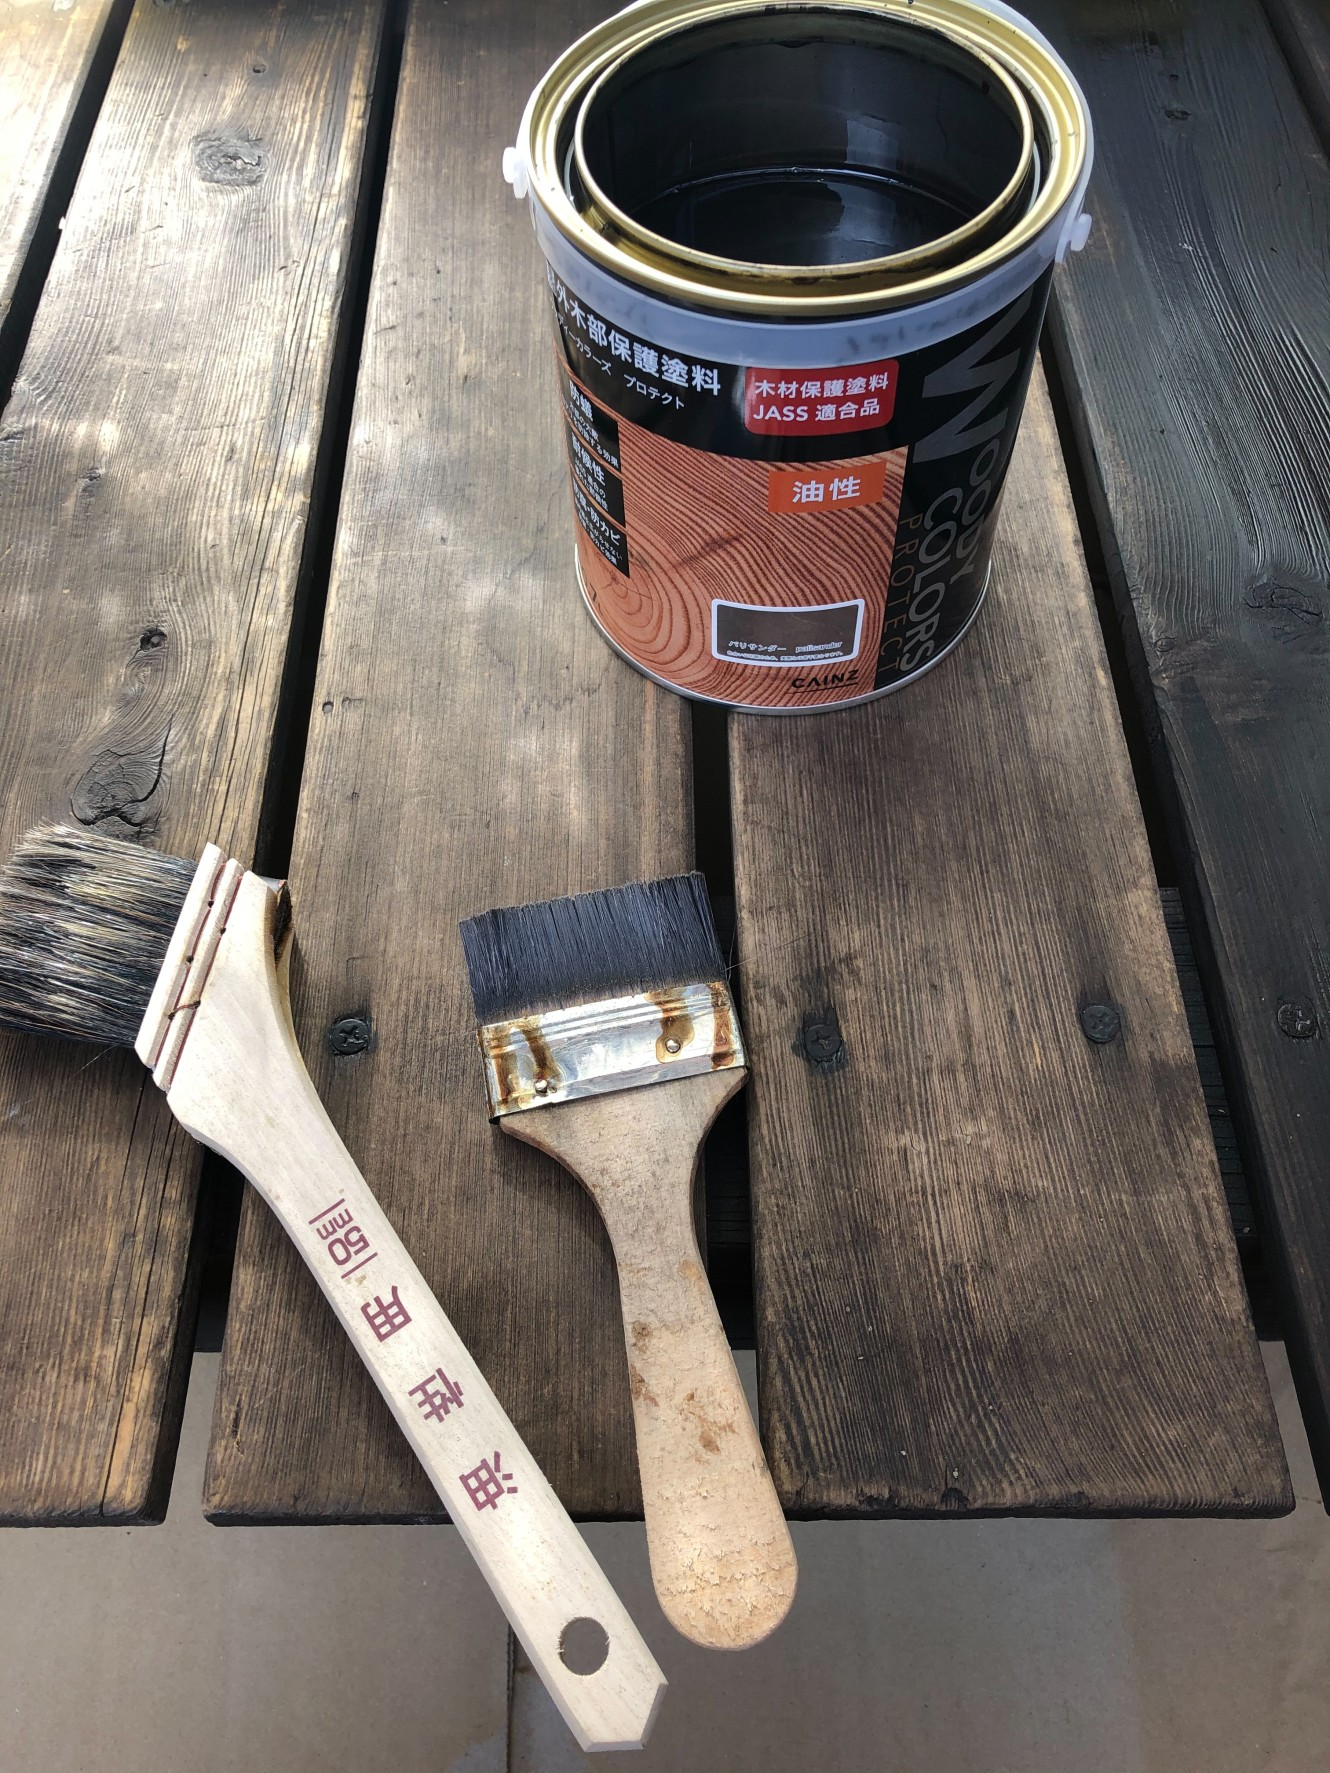 コツさえ掴めば、ペンキ塗りより早くて簡単です。バシャバシャ塗って、ボロ布でこすればOK!